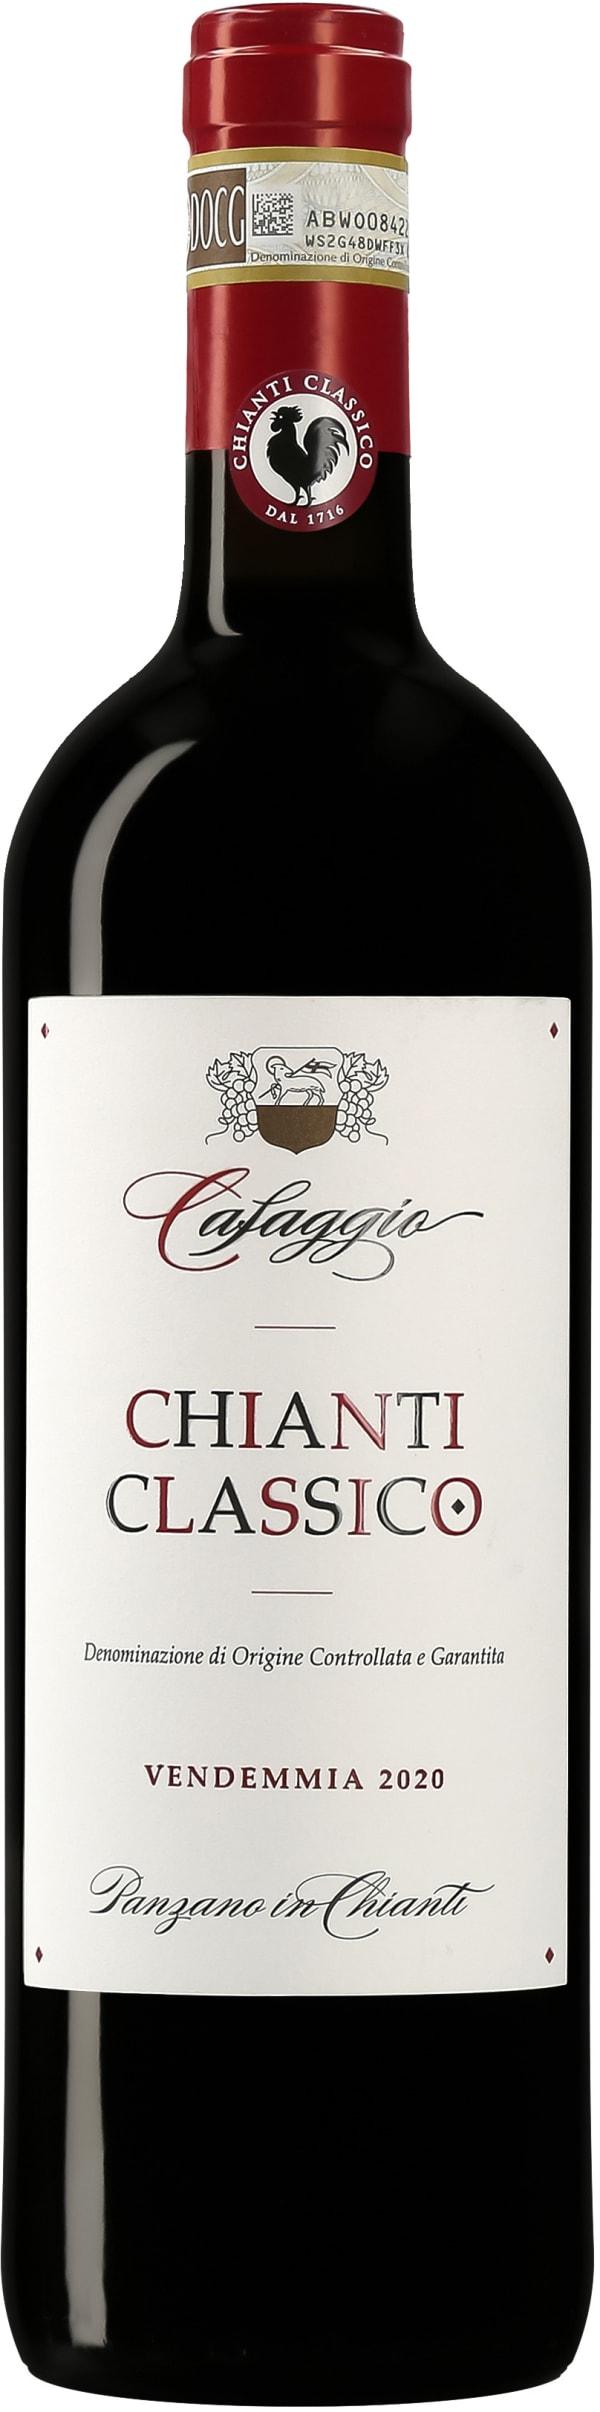 Villa Cafaggio Chianti Classico 2014